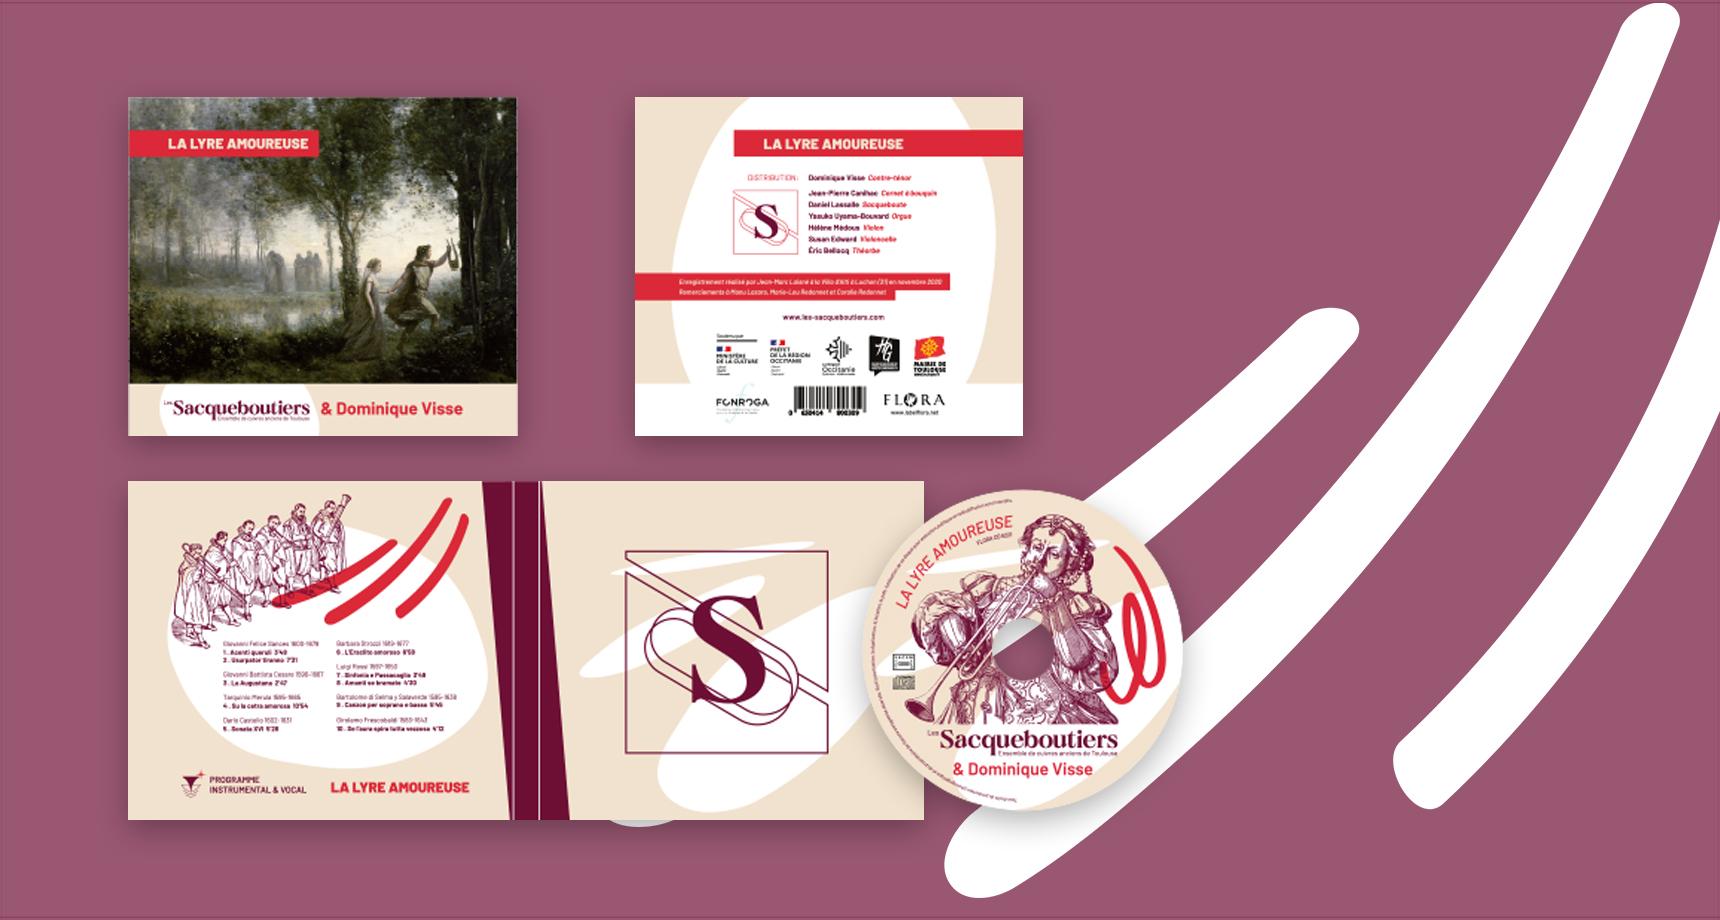 Présentation dans les news de l'habillage conçu par Superfruit pour le CD La Lyre Amoureuse, programme musical créé par les Sacqueboutiers